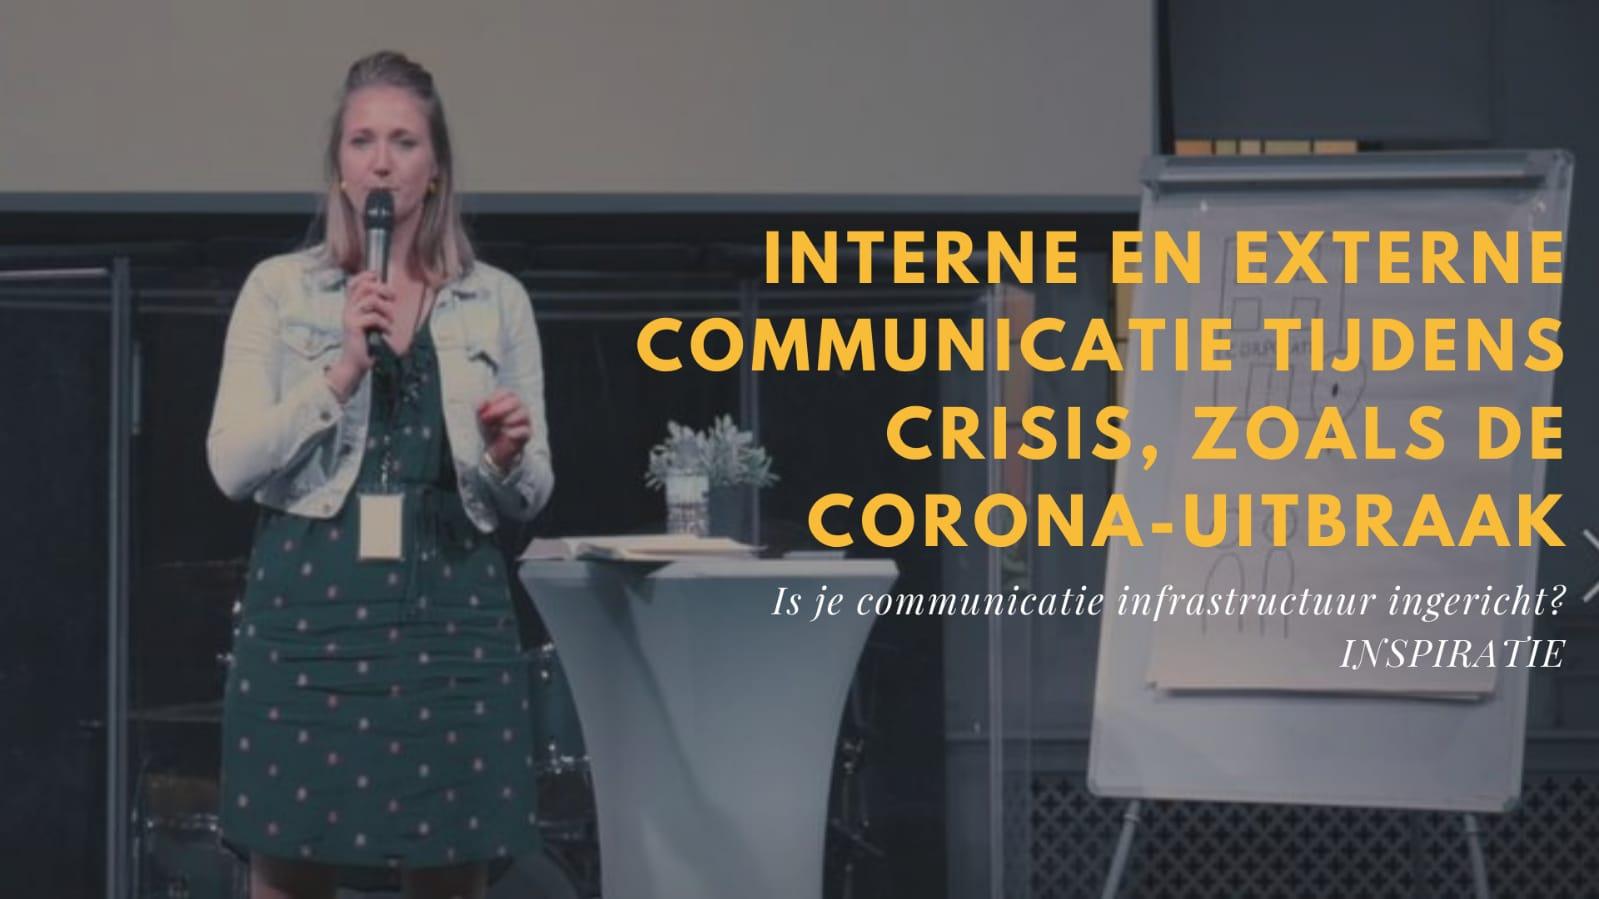 Interne en externe communicatie tijdens crisis, zoals de Corona-uitbraak